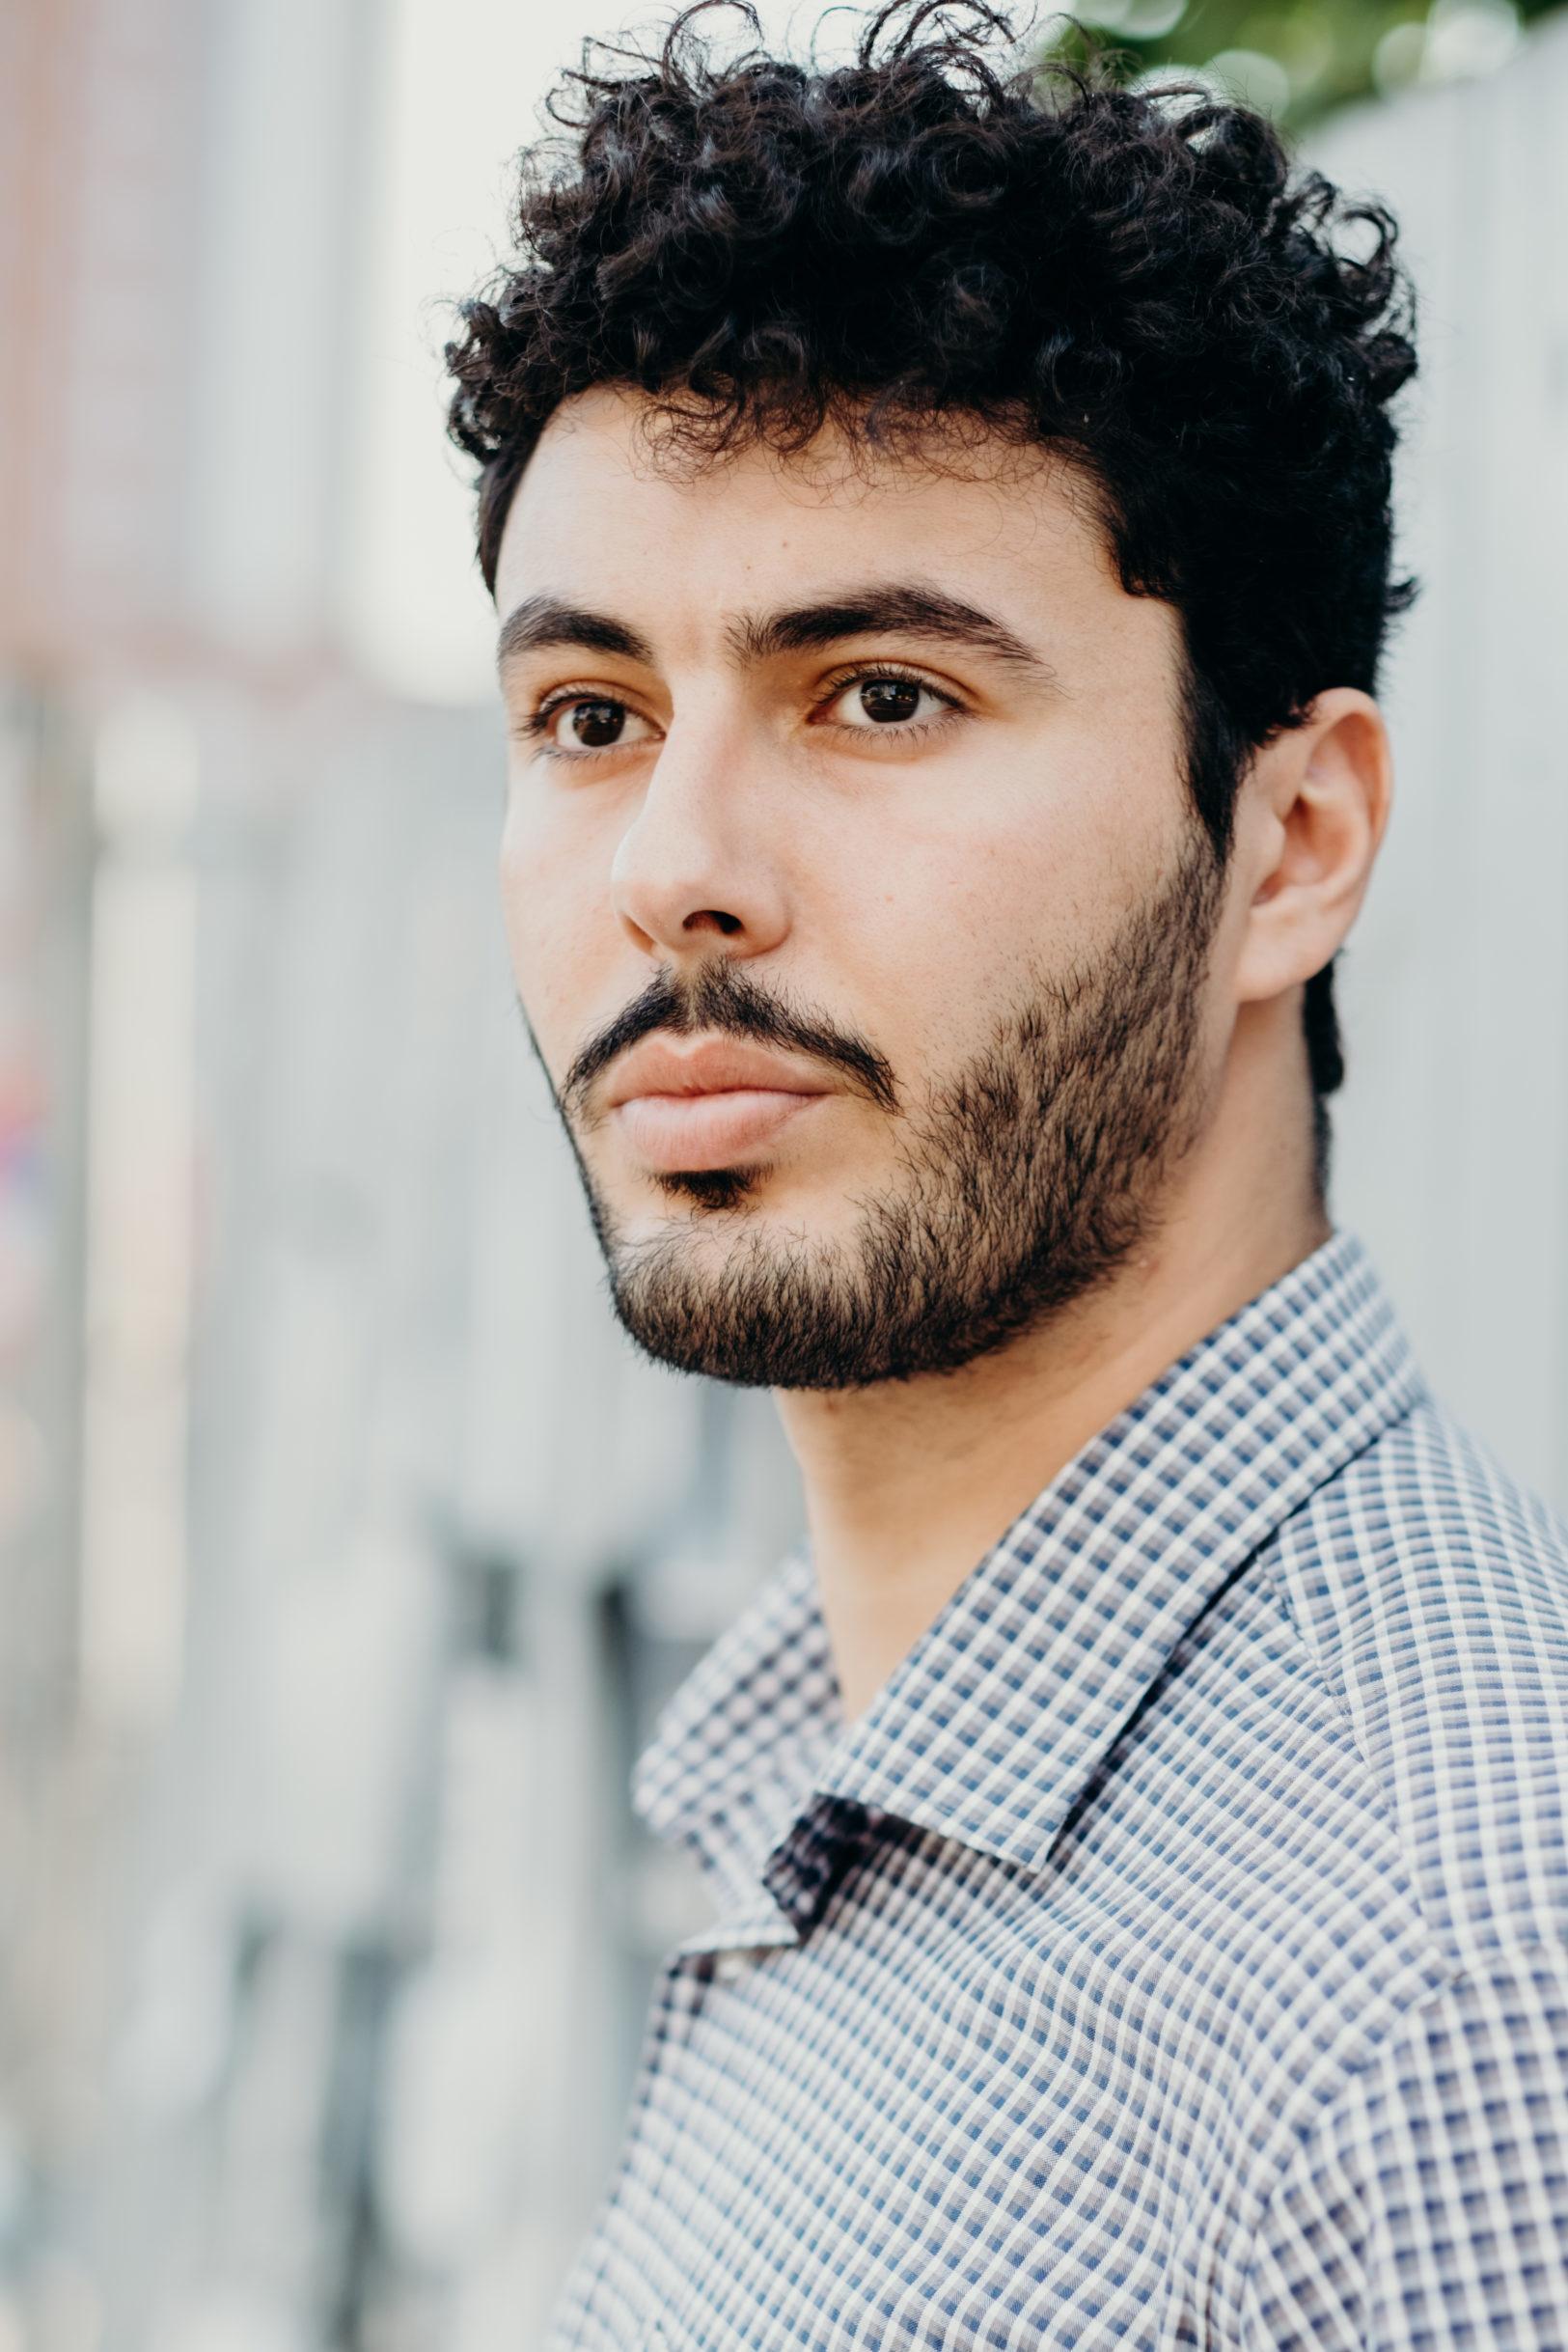 sistart hafencity mann schauspieler headshot profil fotograf fotografin